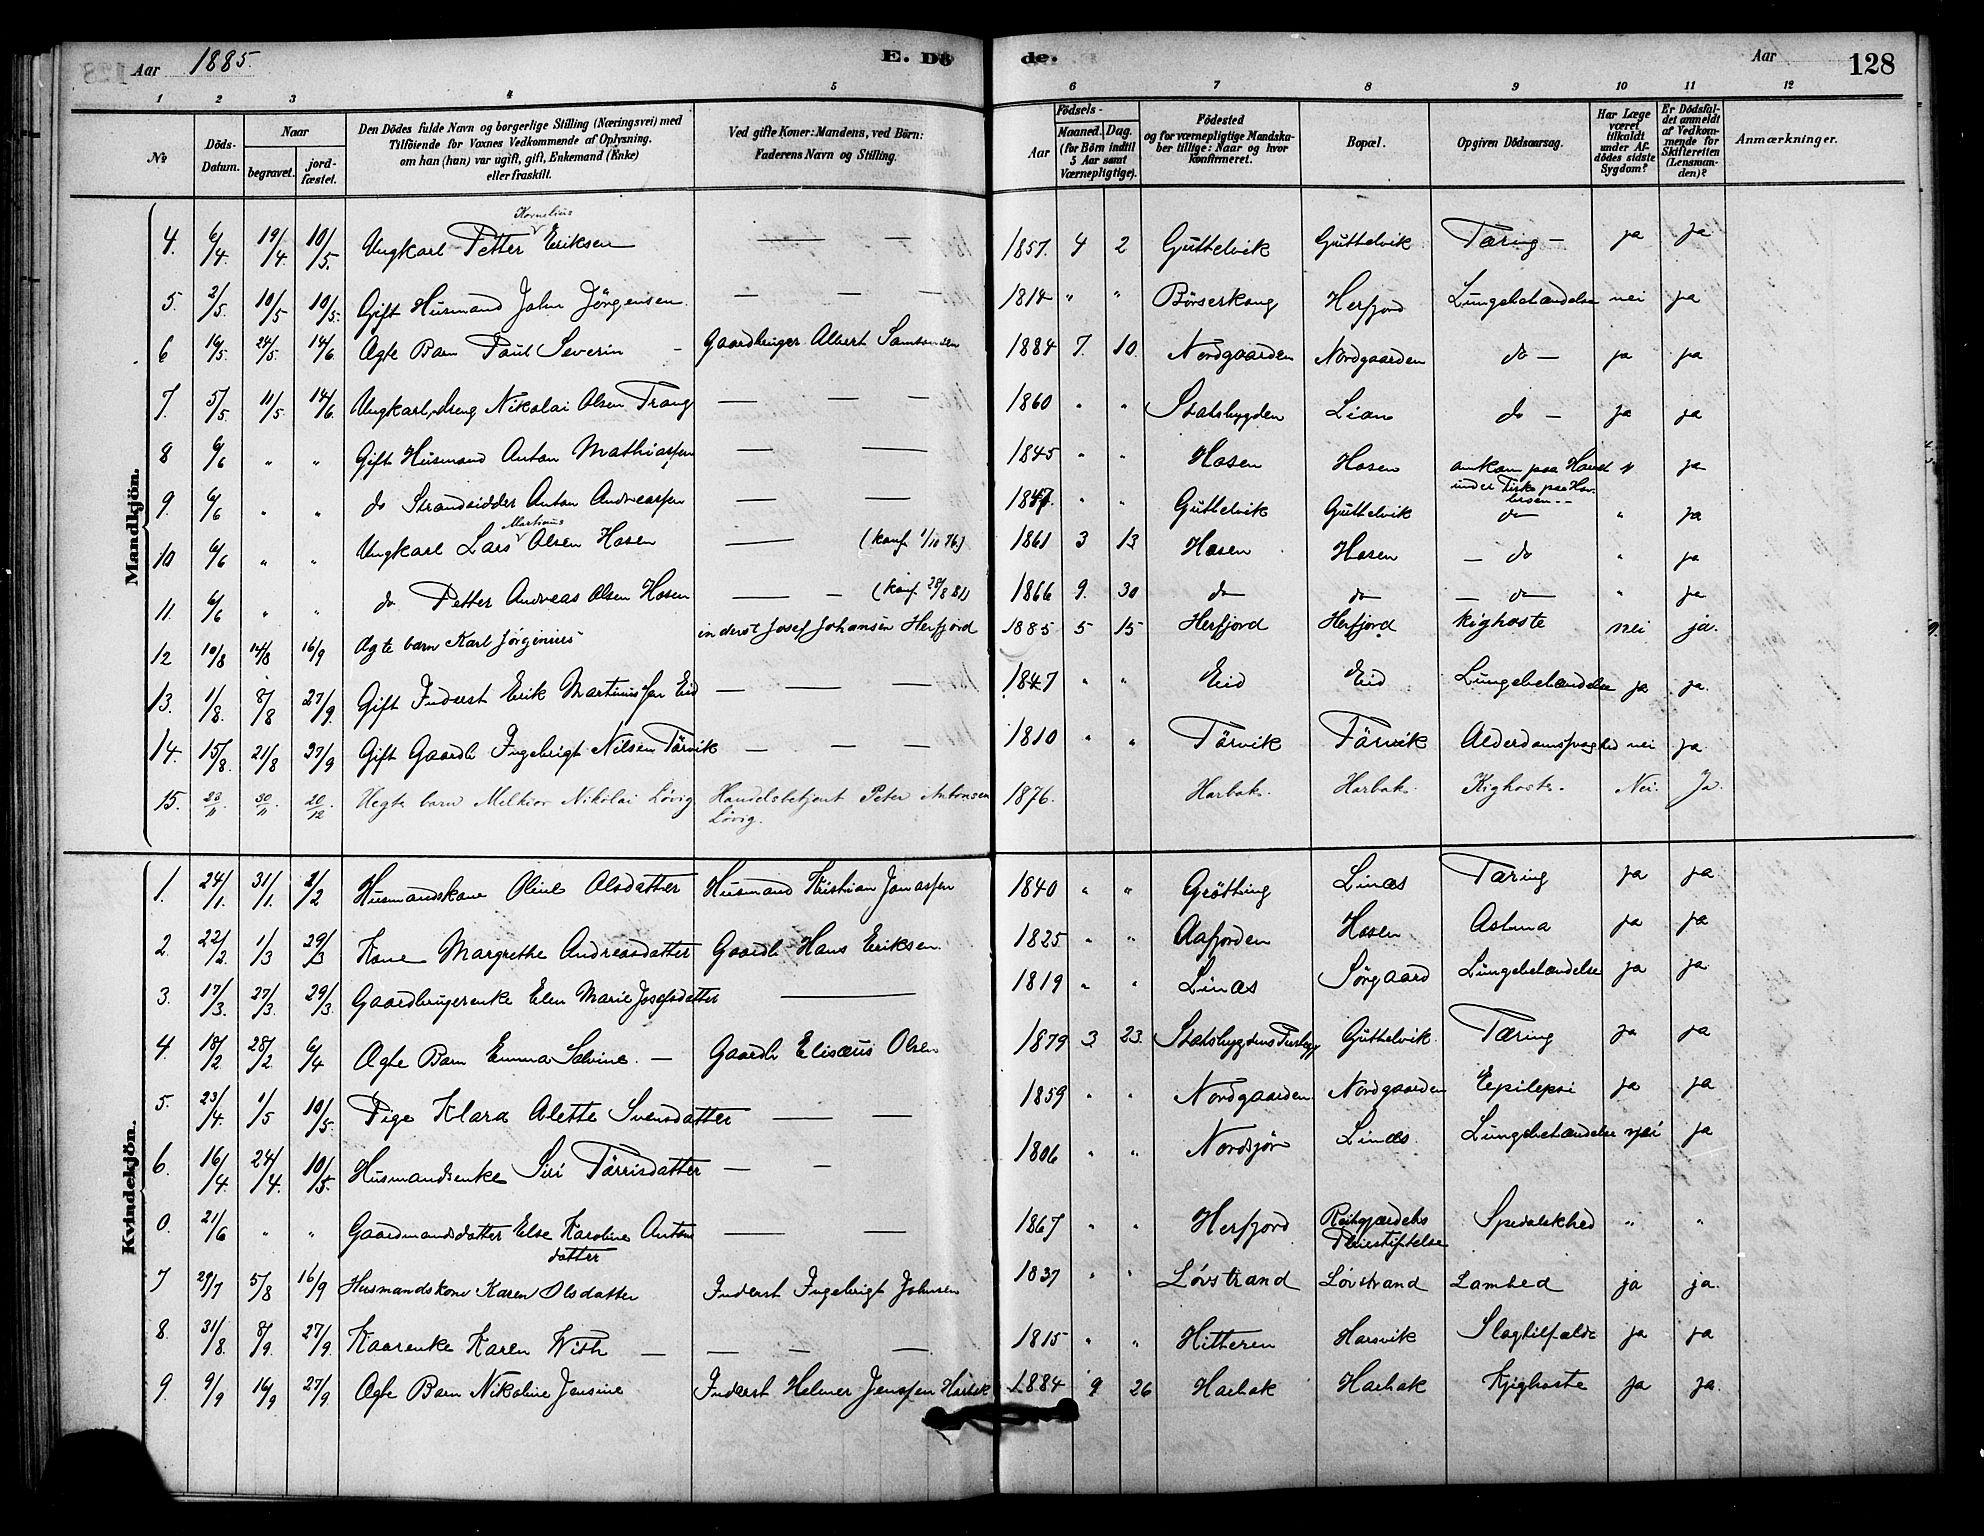 SAT, Ministerialprotokoller, klokkerbøker og fødselsregistre - Sør-Trøndelag, 656/L0692: Ministerialbok nr. 656A01, 1879-1893, s. 128